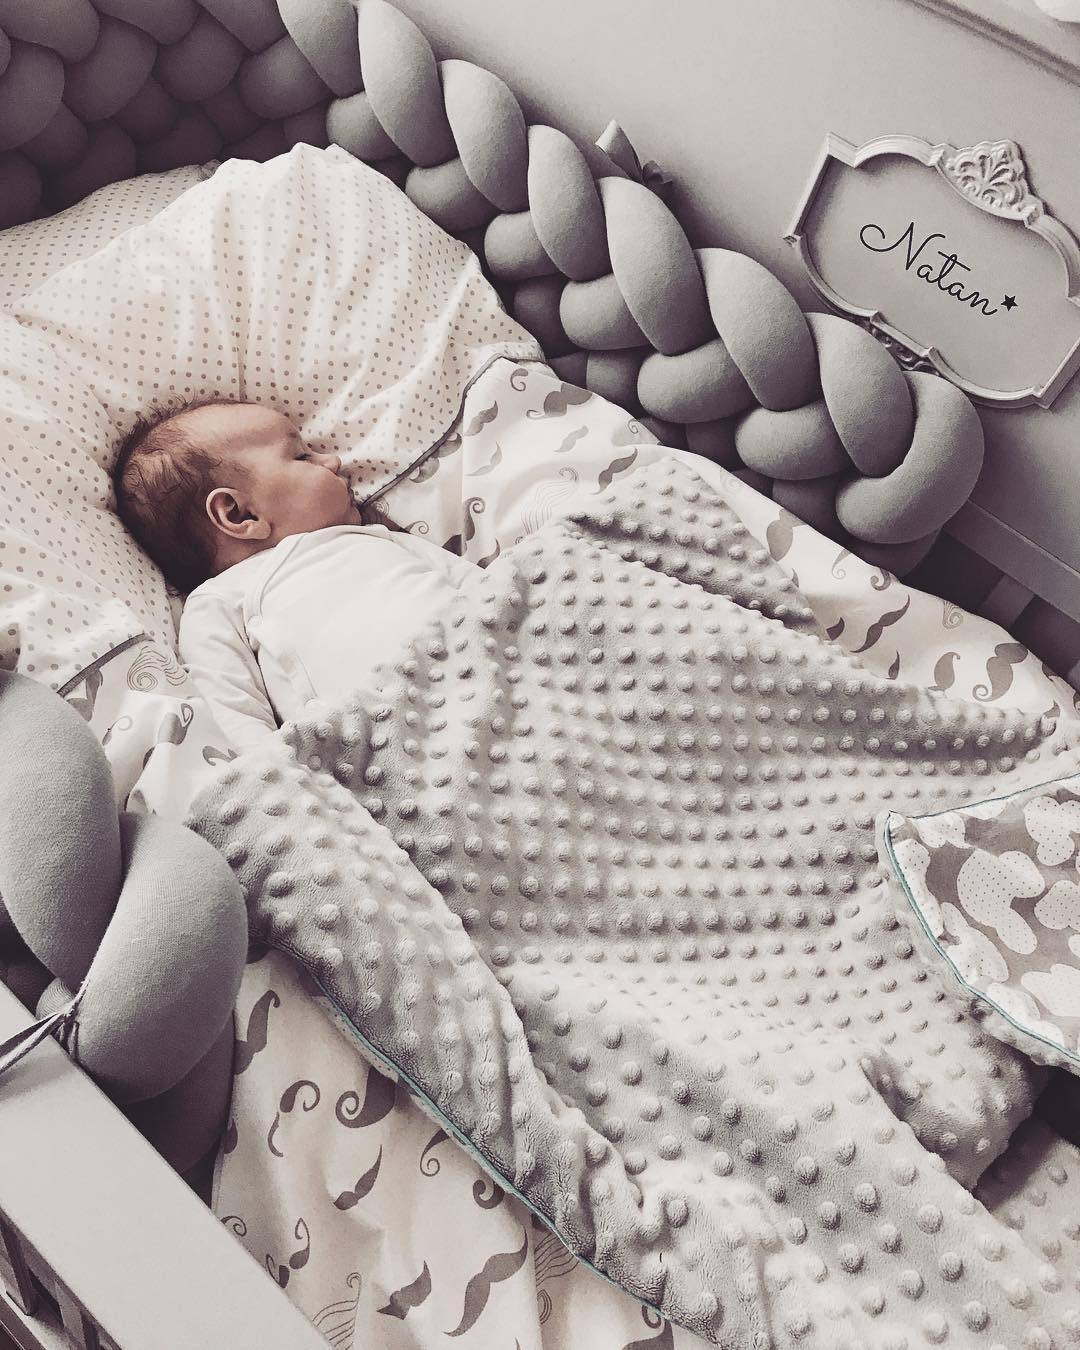 300 cm bébé nouveau-né berceau protecteur Pad lit pare-chocs lit pare-chocs bébé noeud conception tissage corde infantile chambre décor literie accessoire